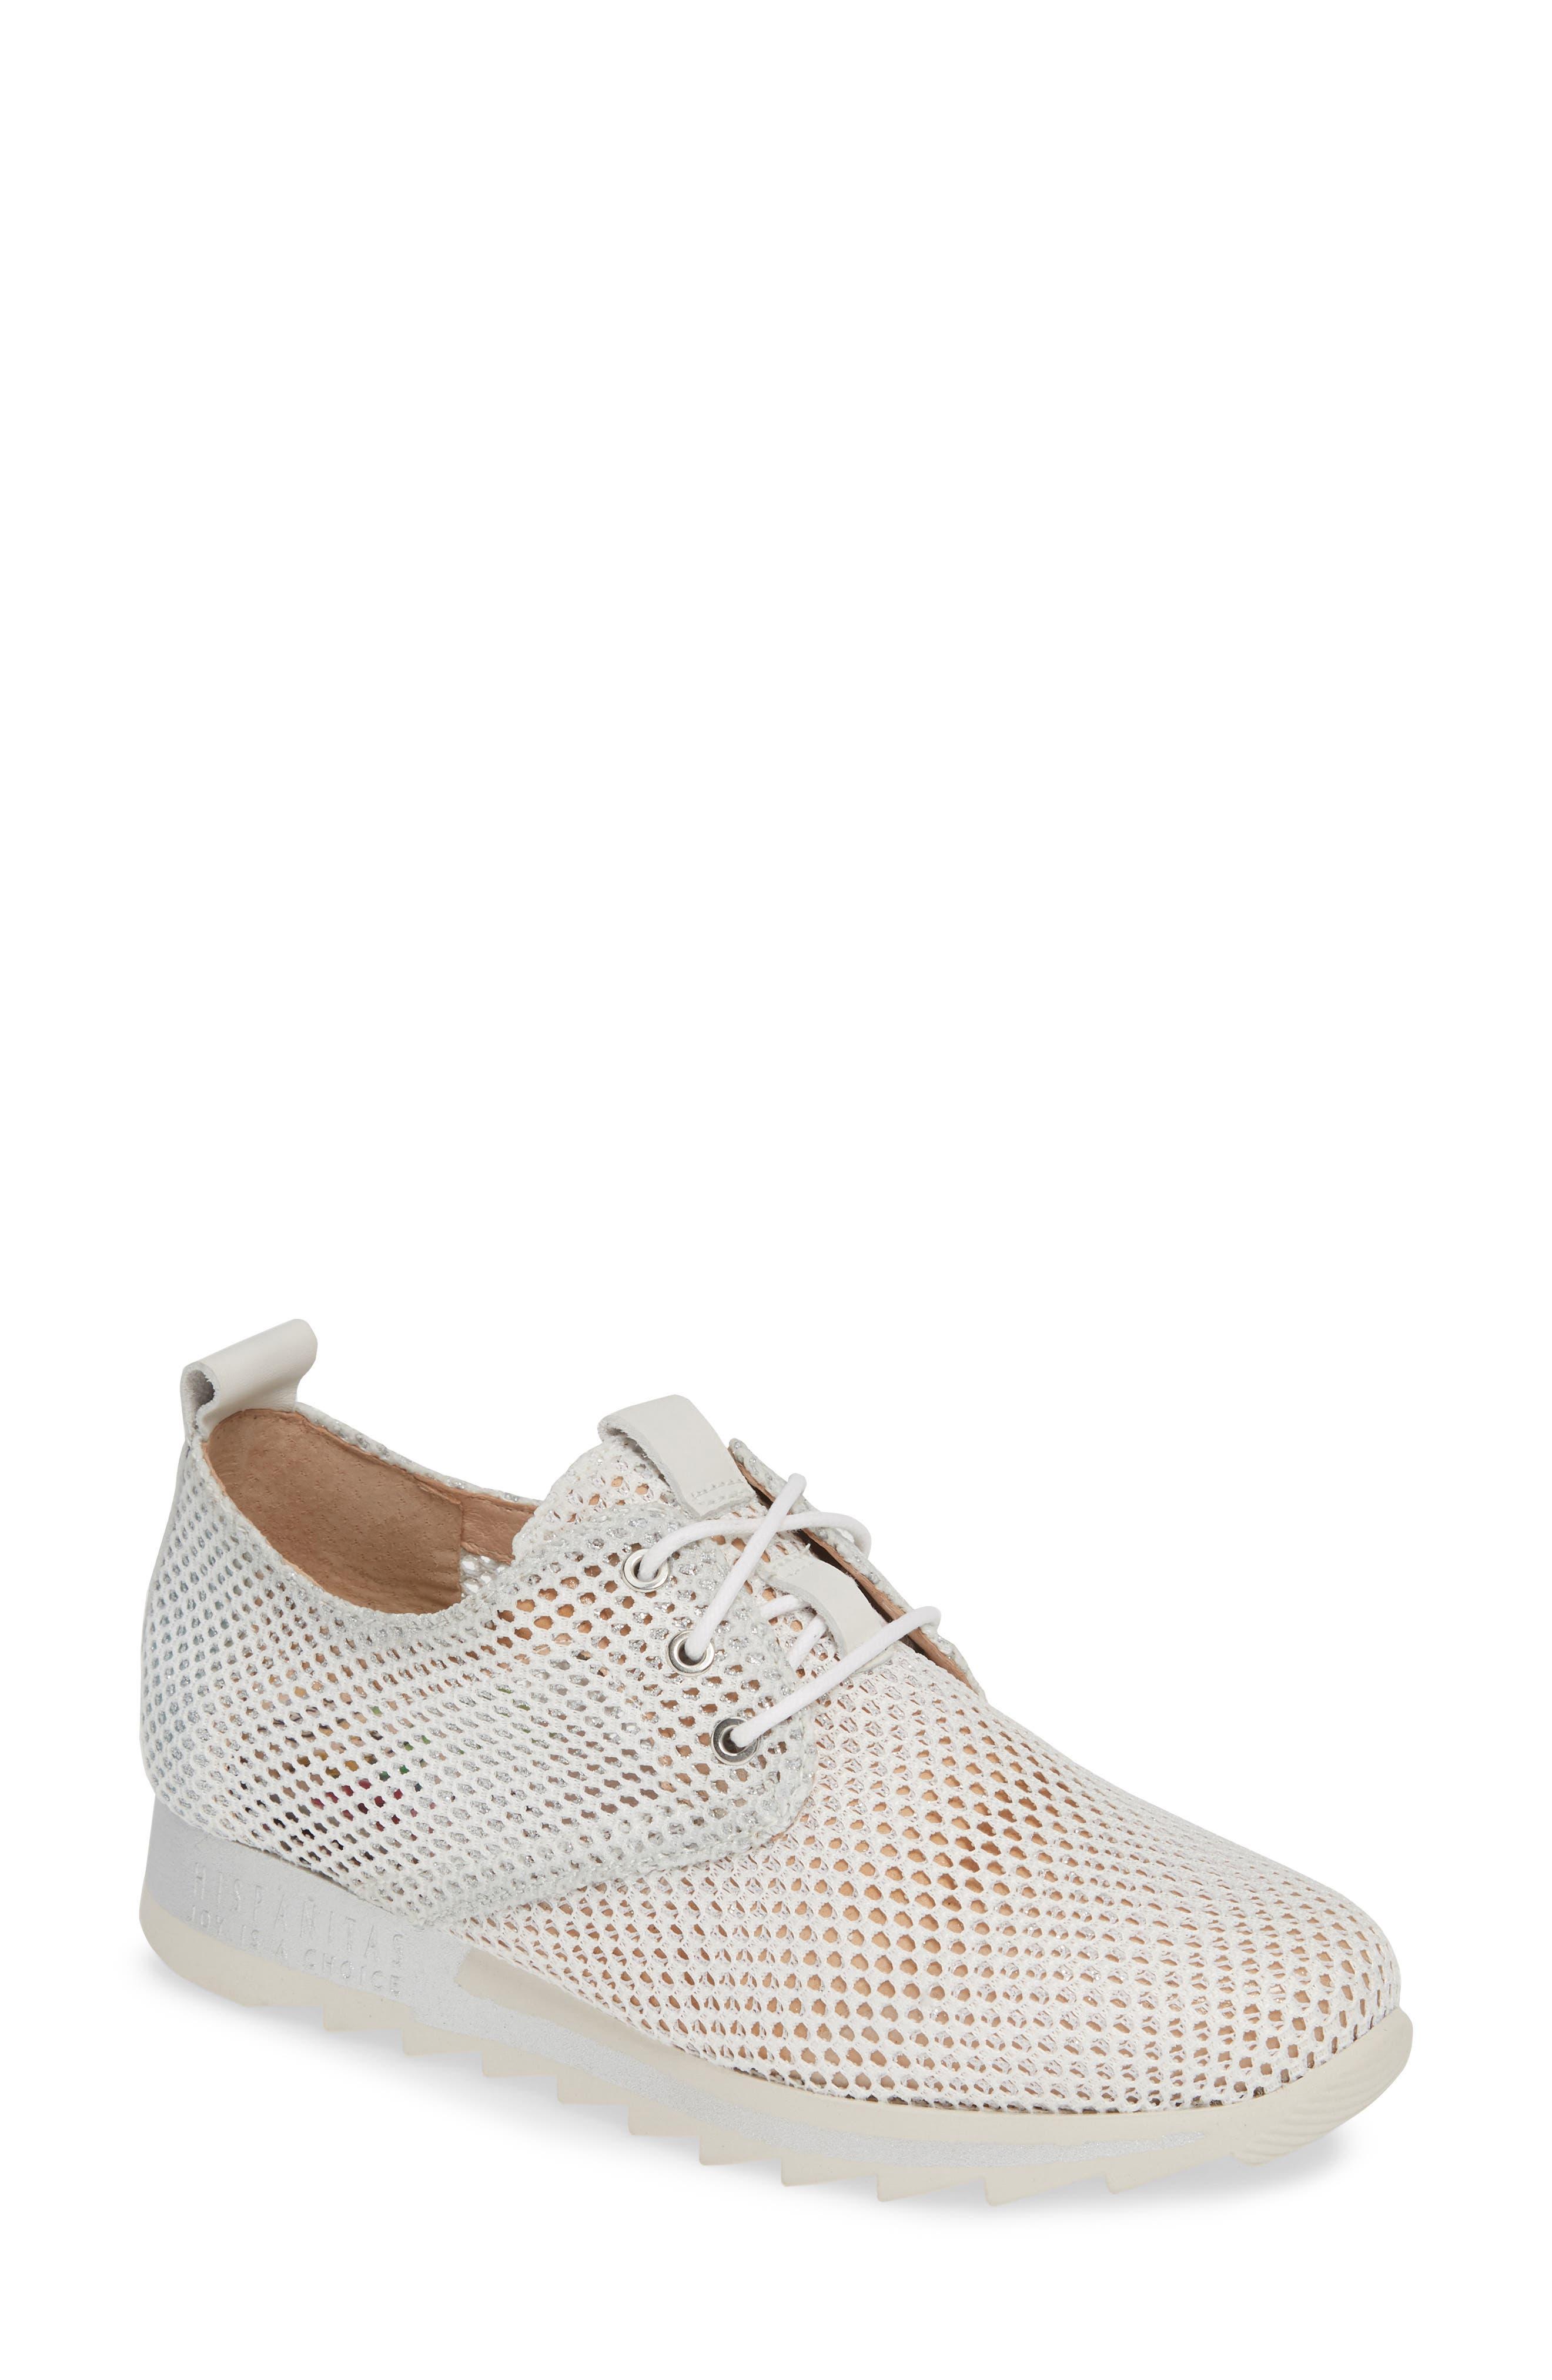 Hispanitas Babe Mesh Sneaker - White